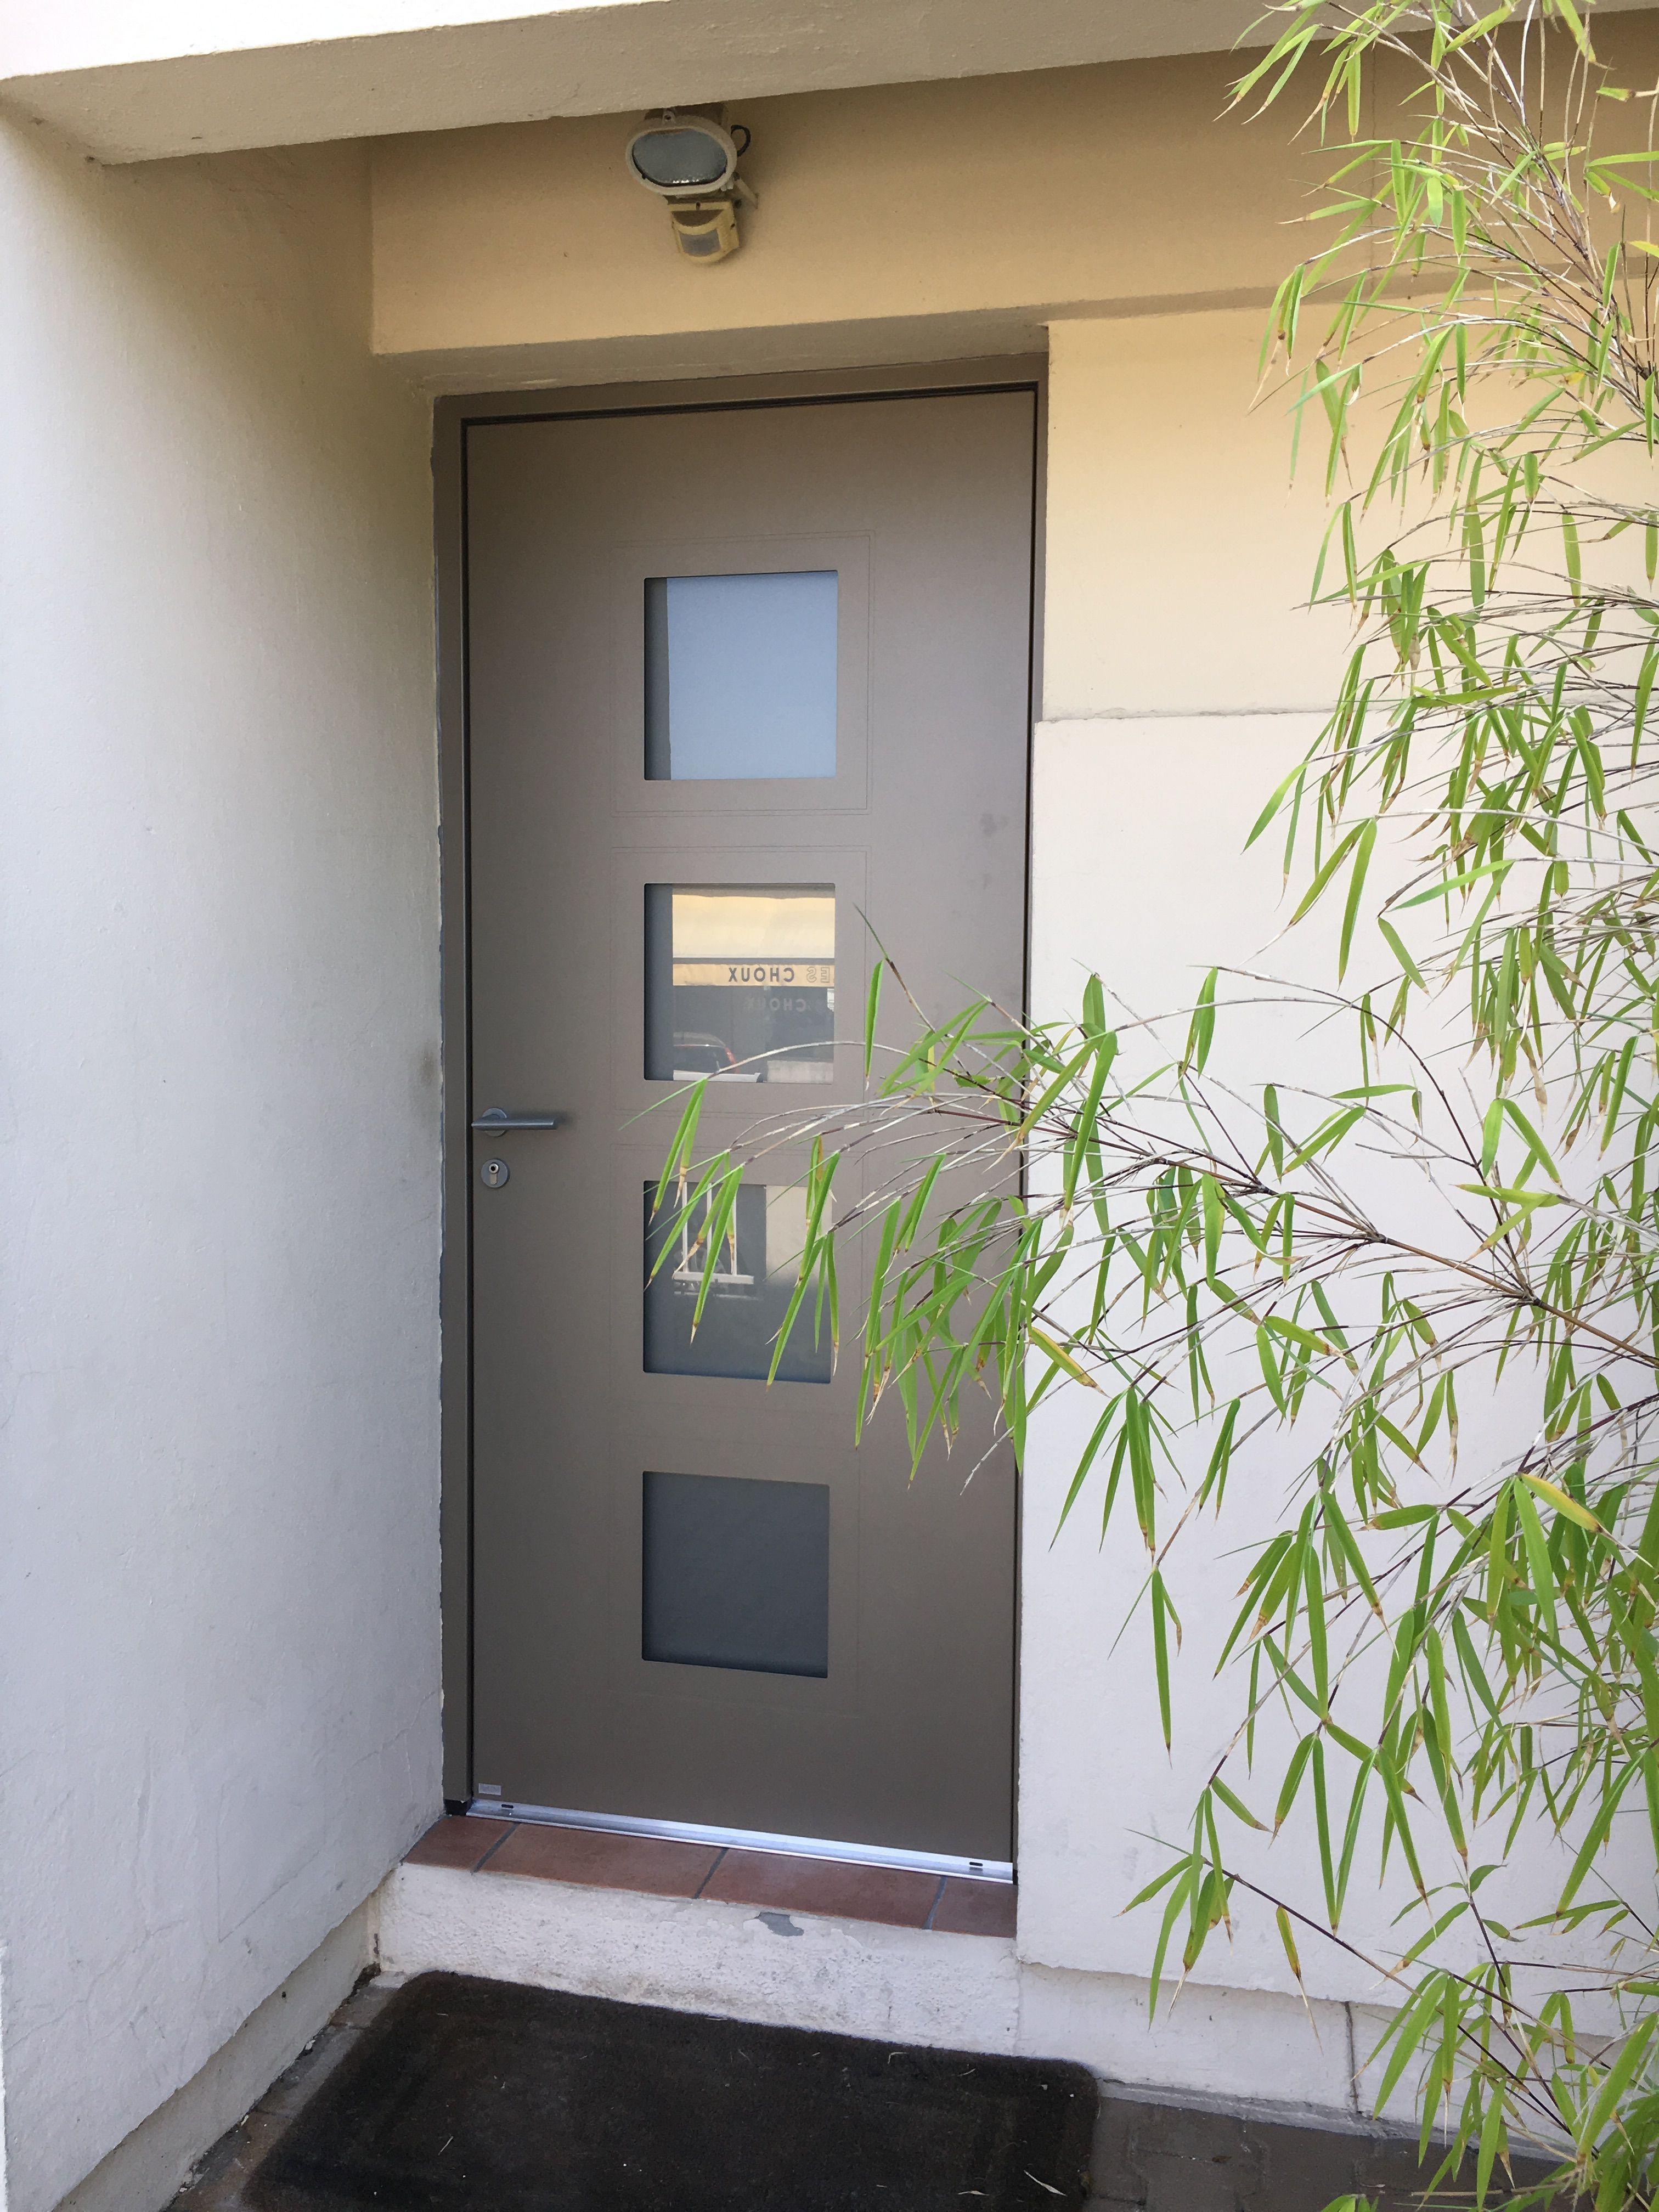 Fourniture Et Pose D Une Porte D Entree Aluminium De Chez B El M Porte Entree Aluminium Porte D Entree Maison